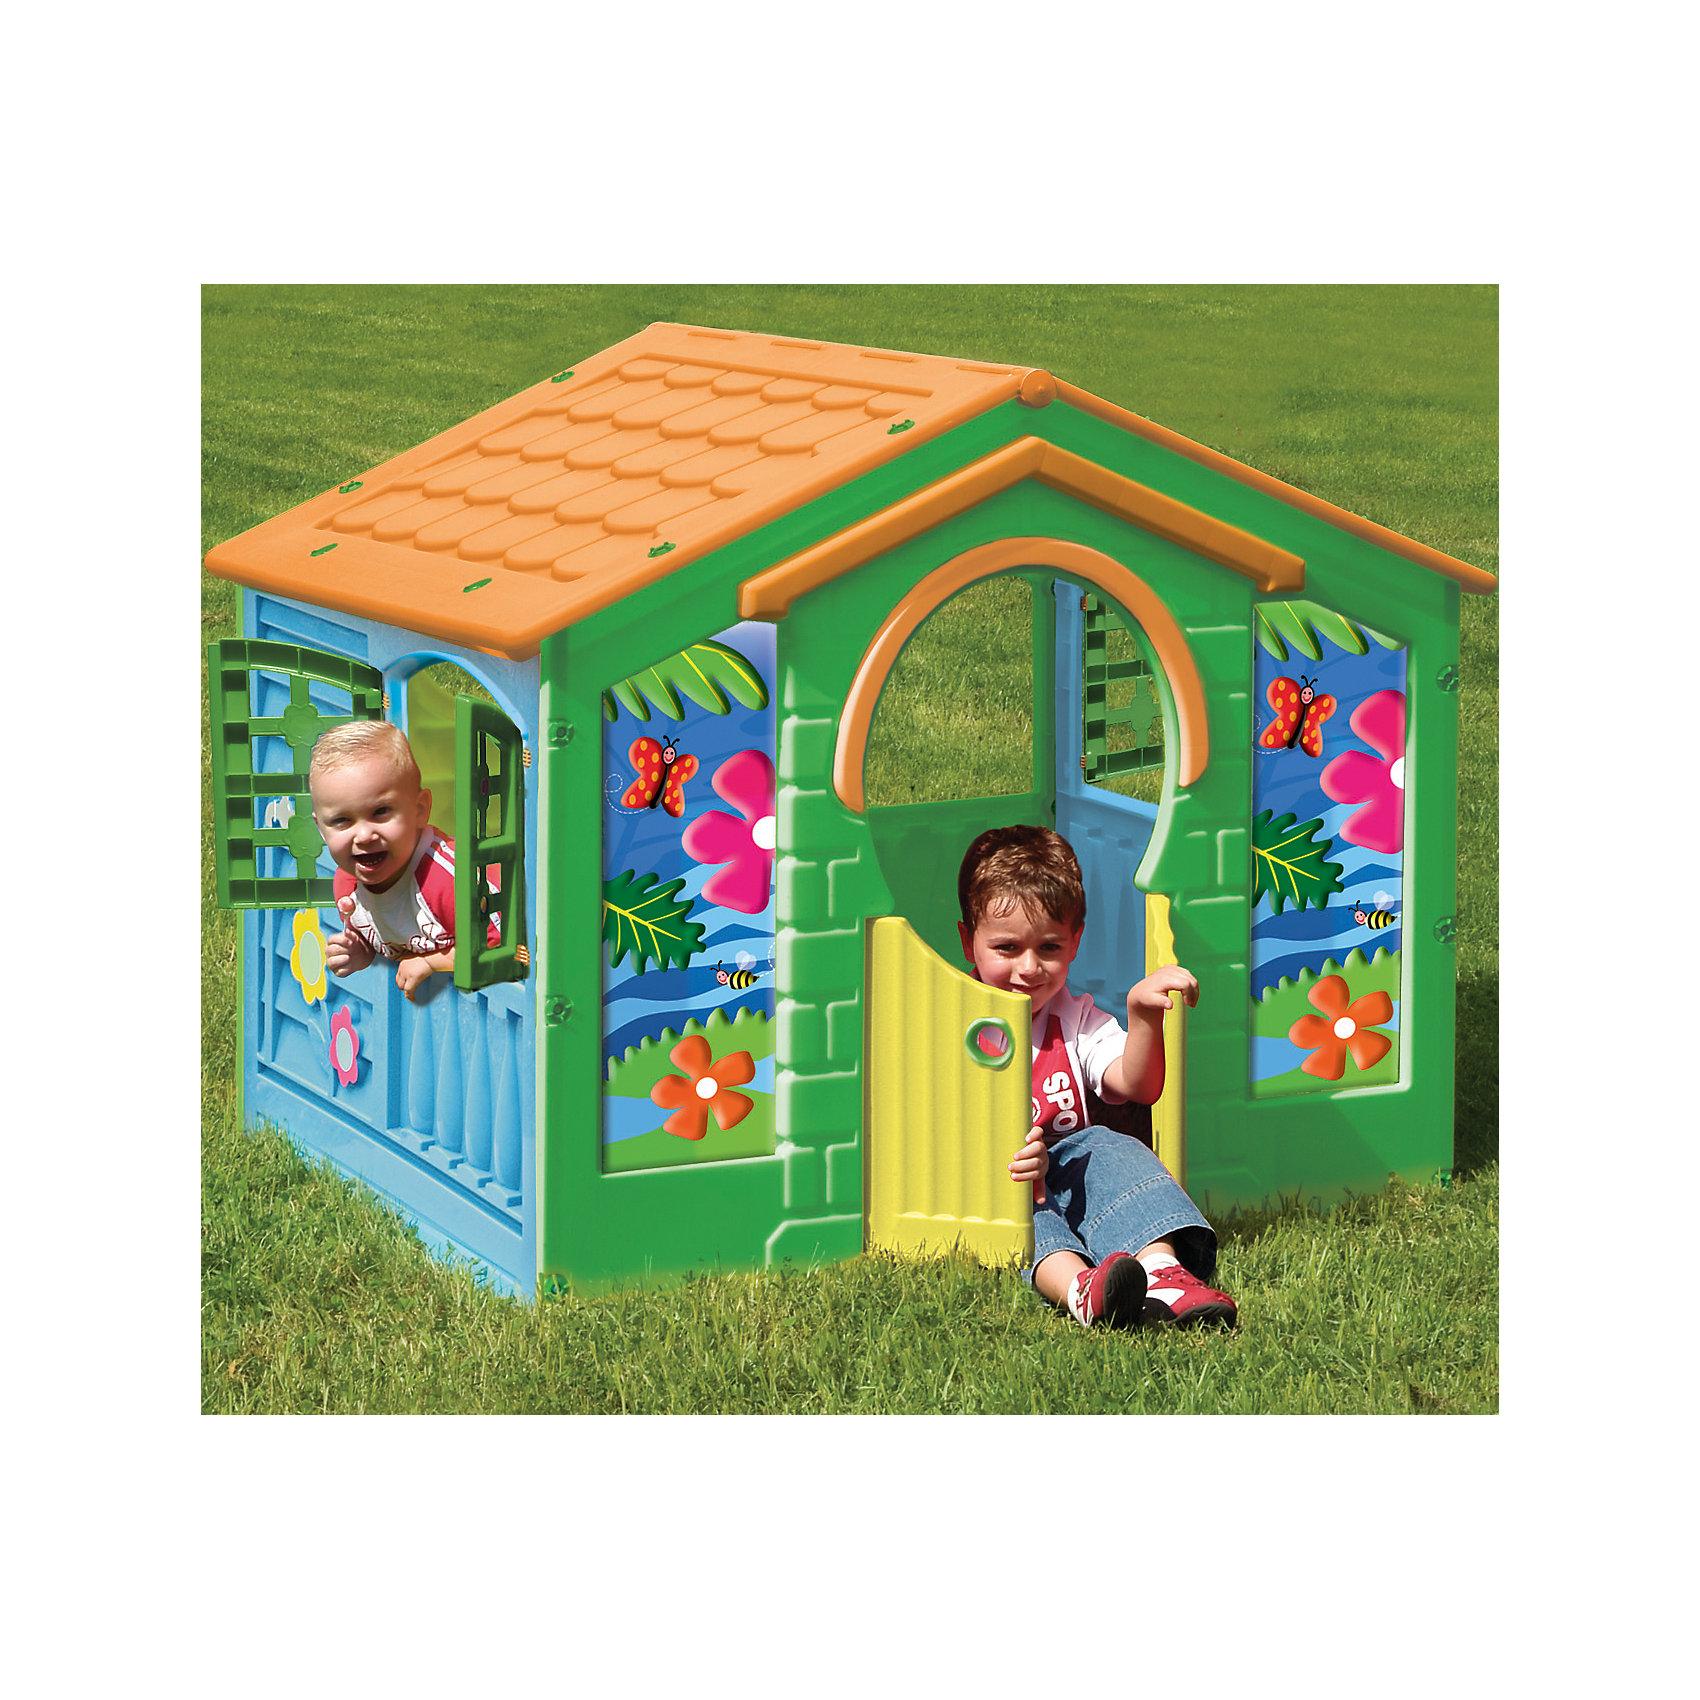 Деревенский домик, Pal PlayДомики и мебель<br>Деревенский домик – уникальная игрушка. В нем ребенок становится хозяином собственного «сказочного мира». <br> В процессе игры малыш примеряет на себя различные социальные роли, тем самым происходит первичный процесс адаптации<br>Когда ребенок играет с друзьями, у него улучшается коммуникативный процесс, что также важно для будущей жизни.<br> Домик сделан из качественного пластика. Имеет красочный дизайн, имитирующий «реальный дом». Удобная конструкция позволяет легко собирать домик, а также без труда размещать его как в квартире, так и на природе. Домик под крышей, с отверстиями для окошек, разной формы и окошками с закрывающимися ставеньками. Открывающаяся дверца — вход в домик. Детский игровой домик — многофункциональный, компактный и безопасный — лучший и необходимый подарок Вашему малышу, как только он научился ходить! Домик легко собирается, детали соединяются и закрепляются специальными пластиковыми гайками, которые входят в комплект; после сборки домик обклеивается большими наклейками, распашные дверки открываются в любую сторону.<br><br>Дополнительная информация:<br><br>Размер домика: 130x111x115 см<br>Материал: морозоустойчивый и цветоустойчивый пластик<br><br>Деревенский домик, Pal Play можно купить в нашем магазине.<br><br>Ширина мм: 1300<br>Глубина мм: 1110<br>Высота мм: 1150<br>Вес г: 20000<br>Возраст от месяцев: 24<br>Возраст до месяцев: 84<br>Пол: Унисекс<br>Возраст: Детский<br>SKU: 4681578